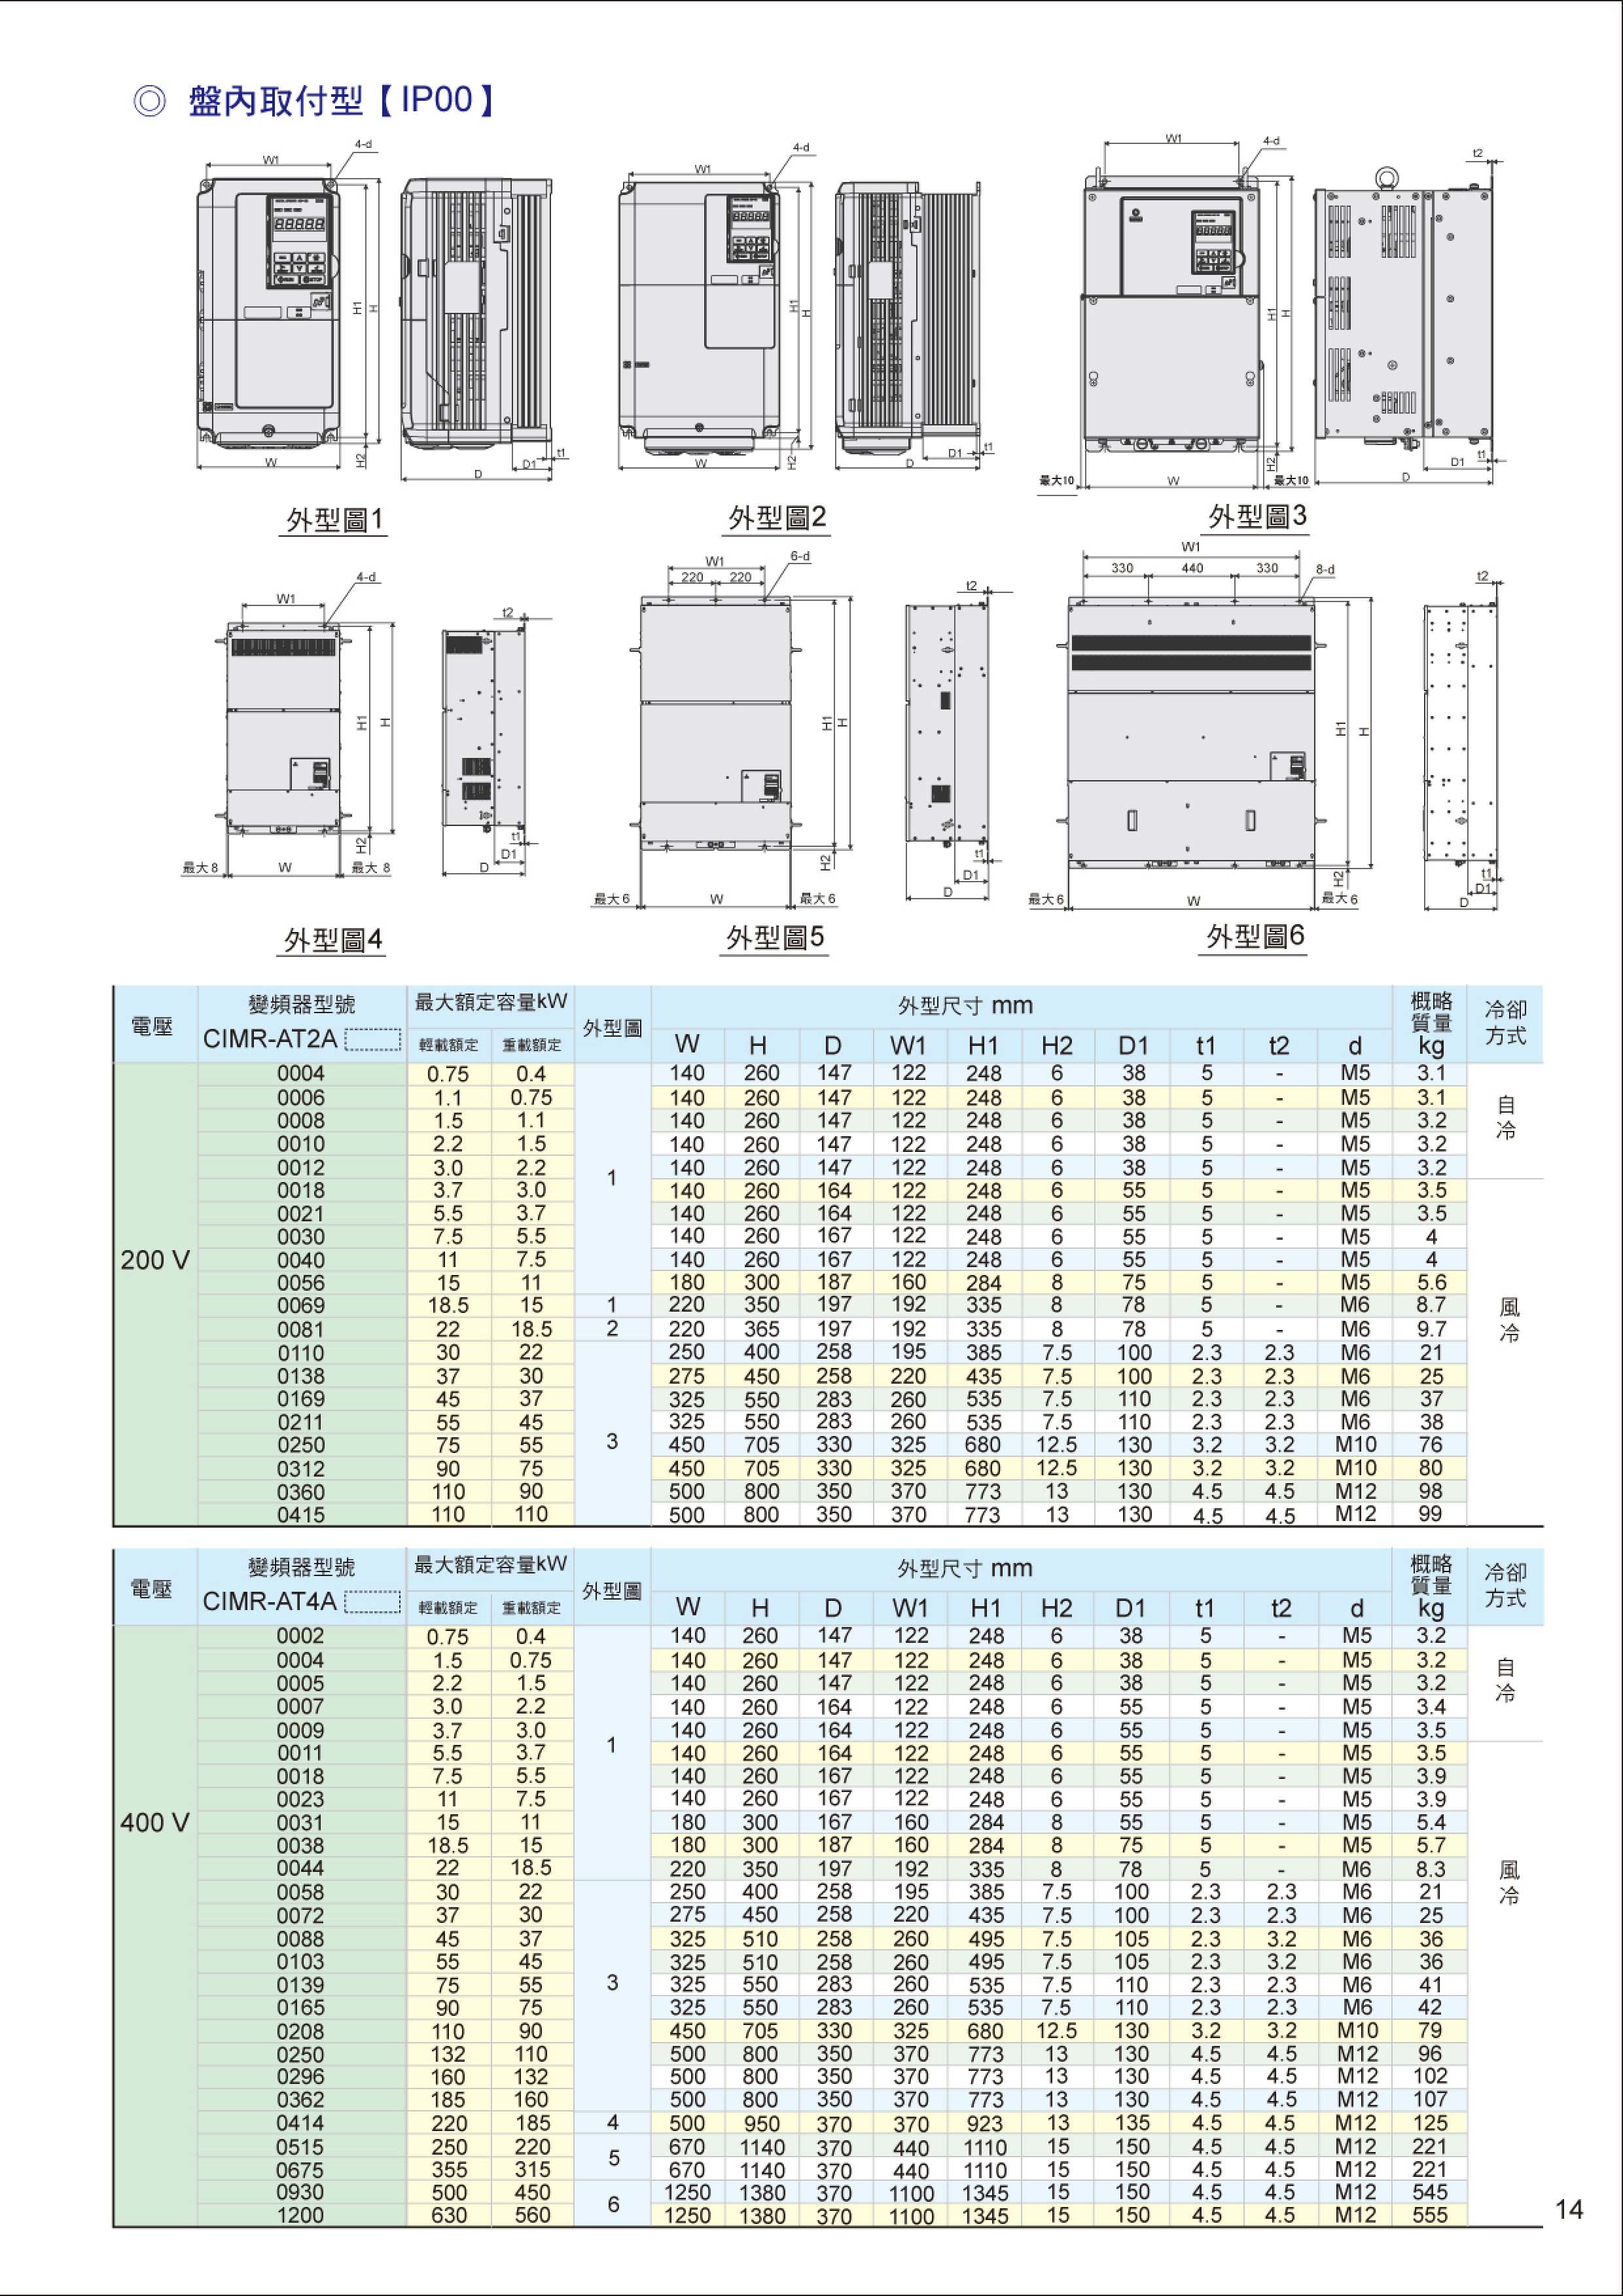 安川變頻器型錄-2012-07-15